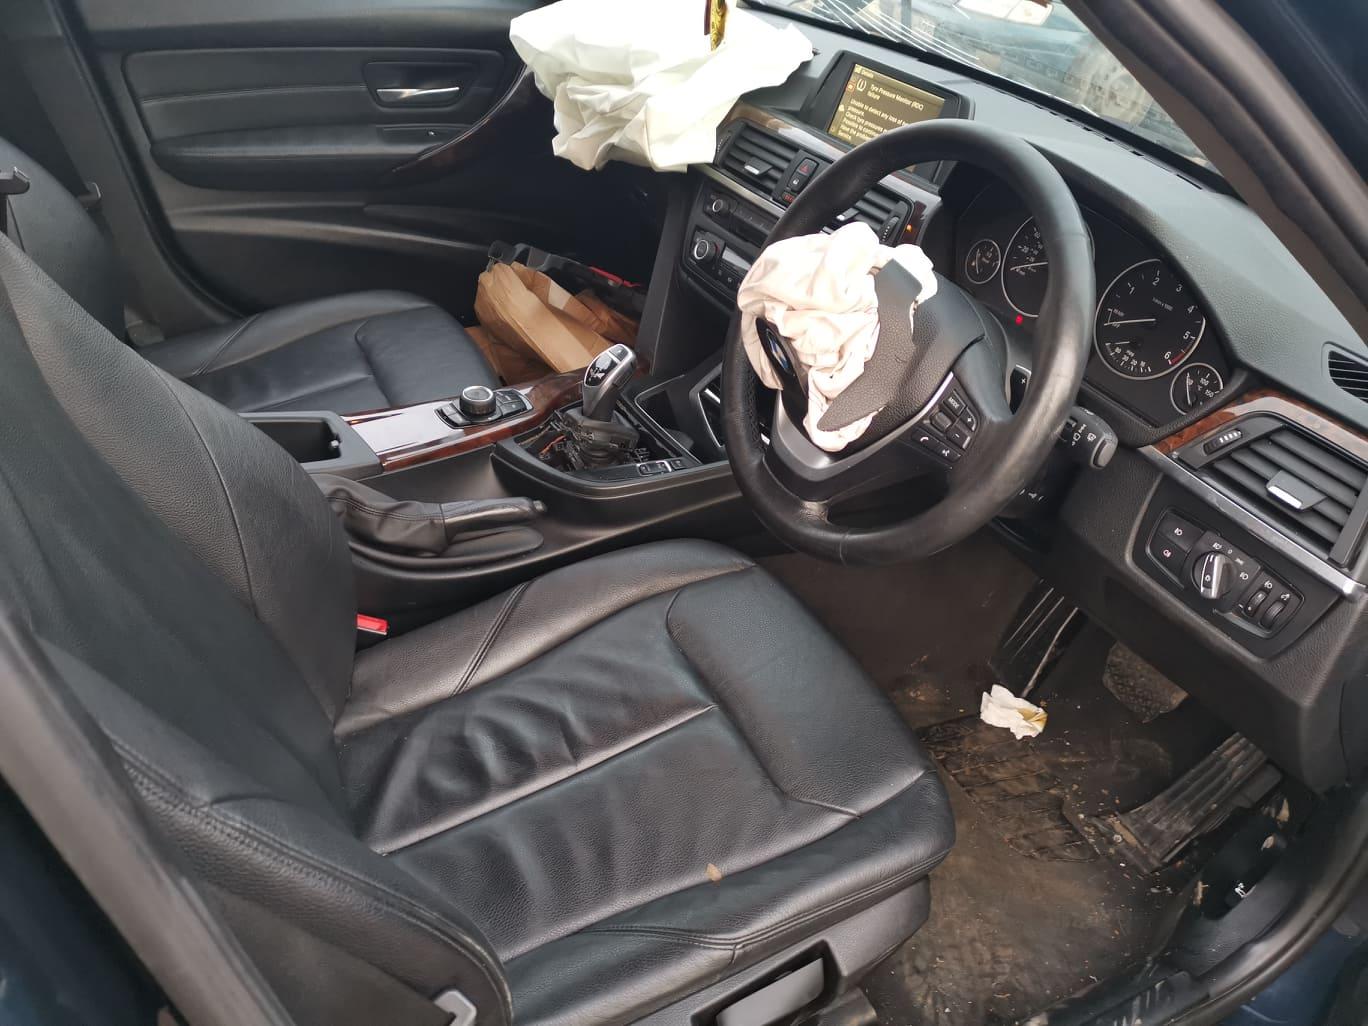 BMW alkatrészek - BMW F30 320D - Ülések, kárpit - Carbon Car Center Kft. Békéscsaba 008